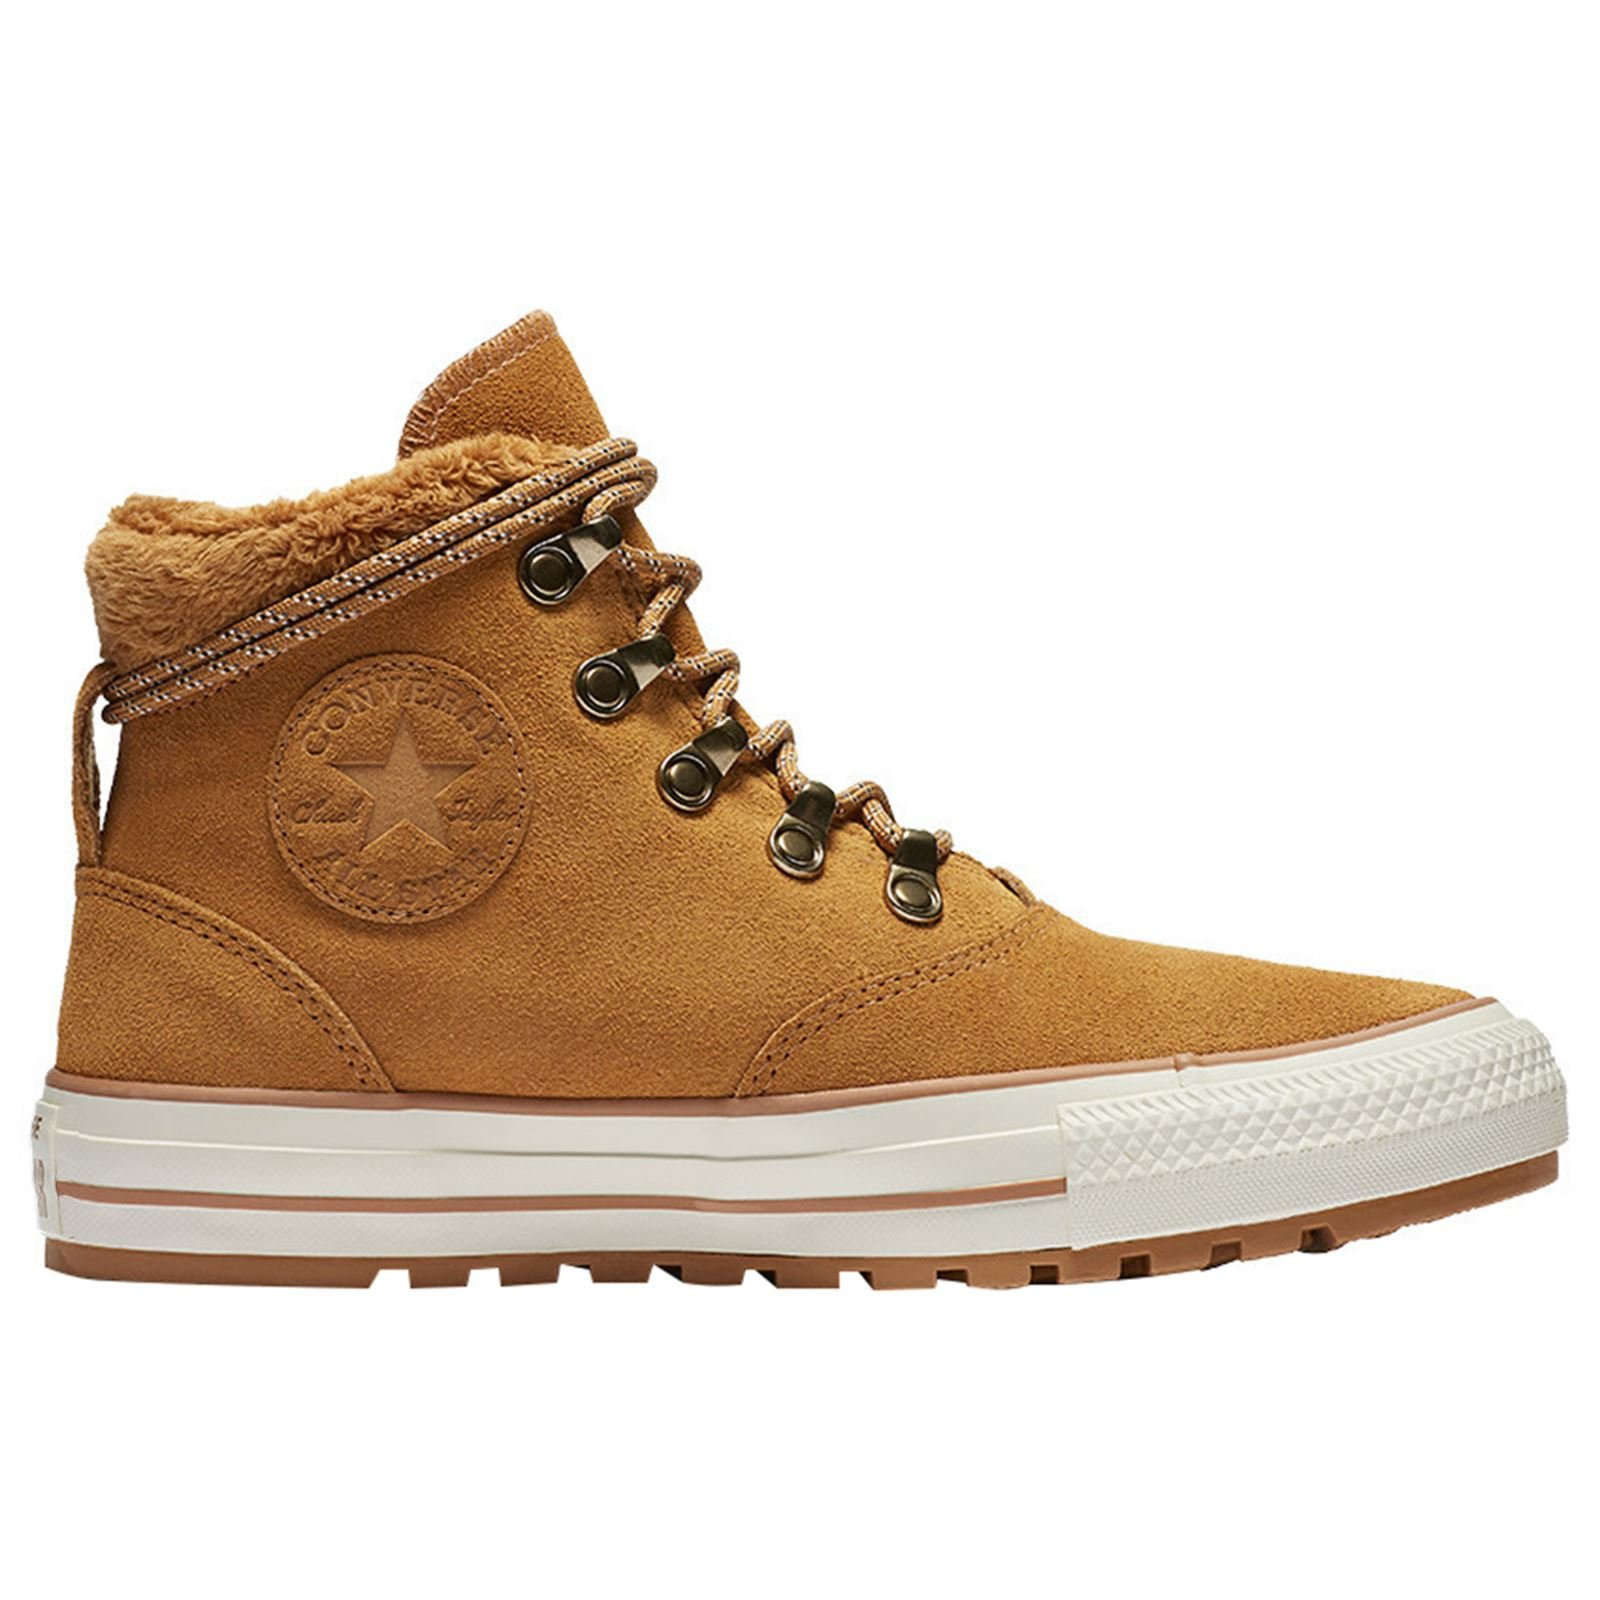 Converse Ctas Ember Hi Womens Boots Hazelnut - 7 UK